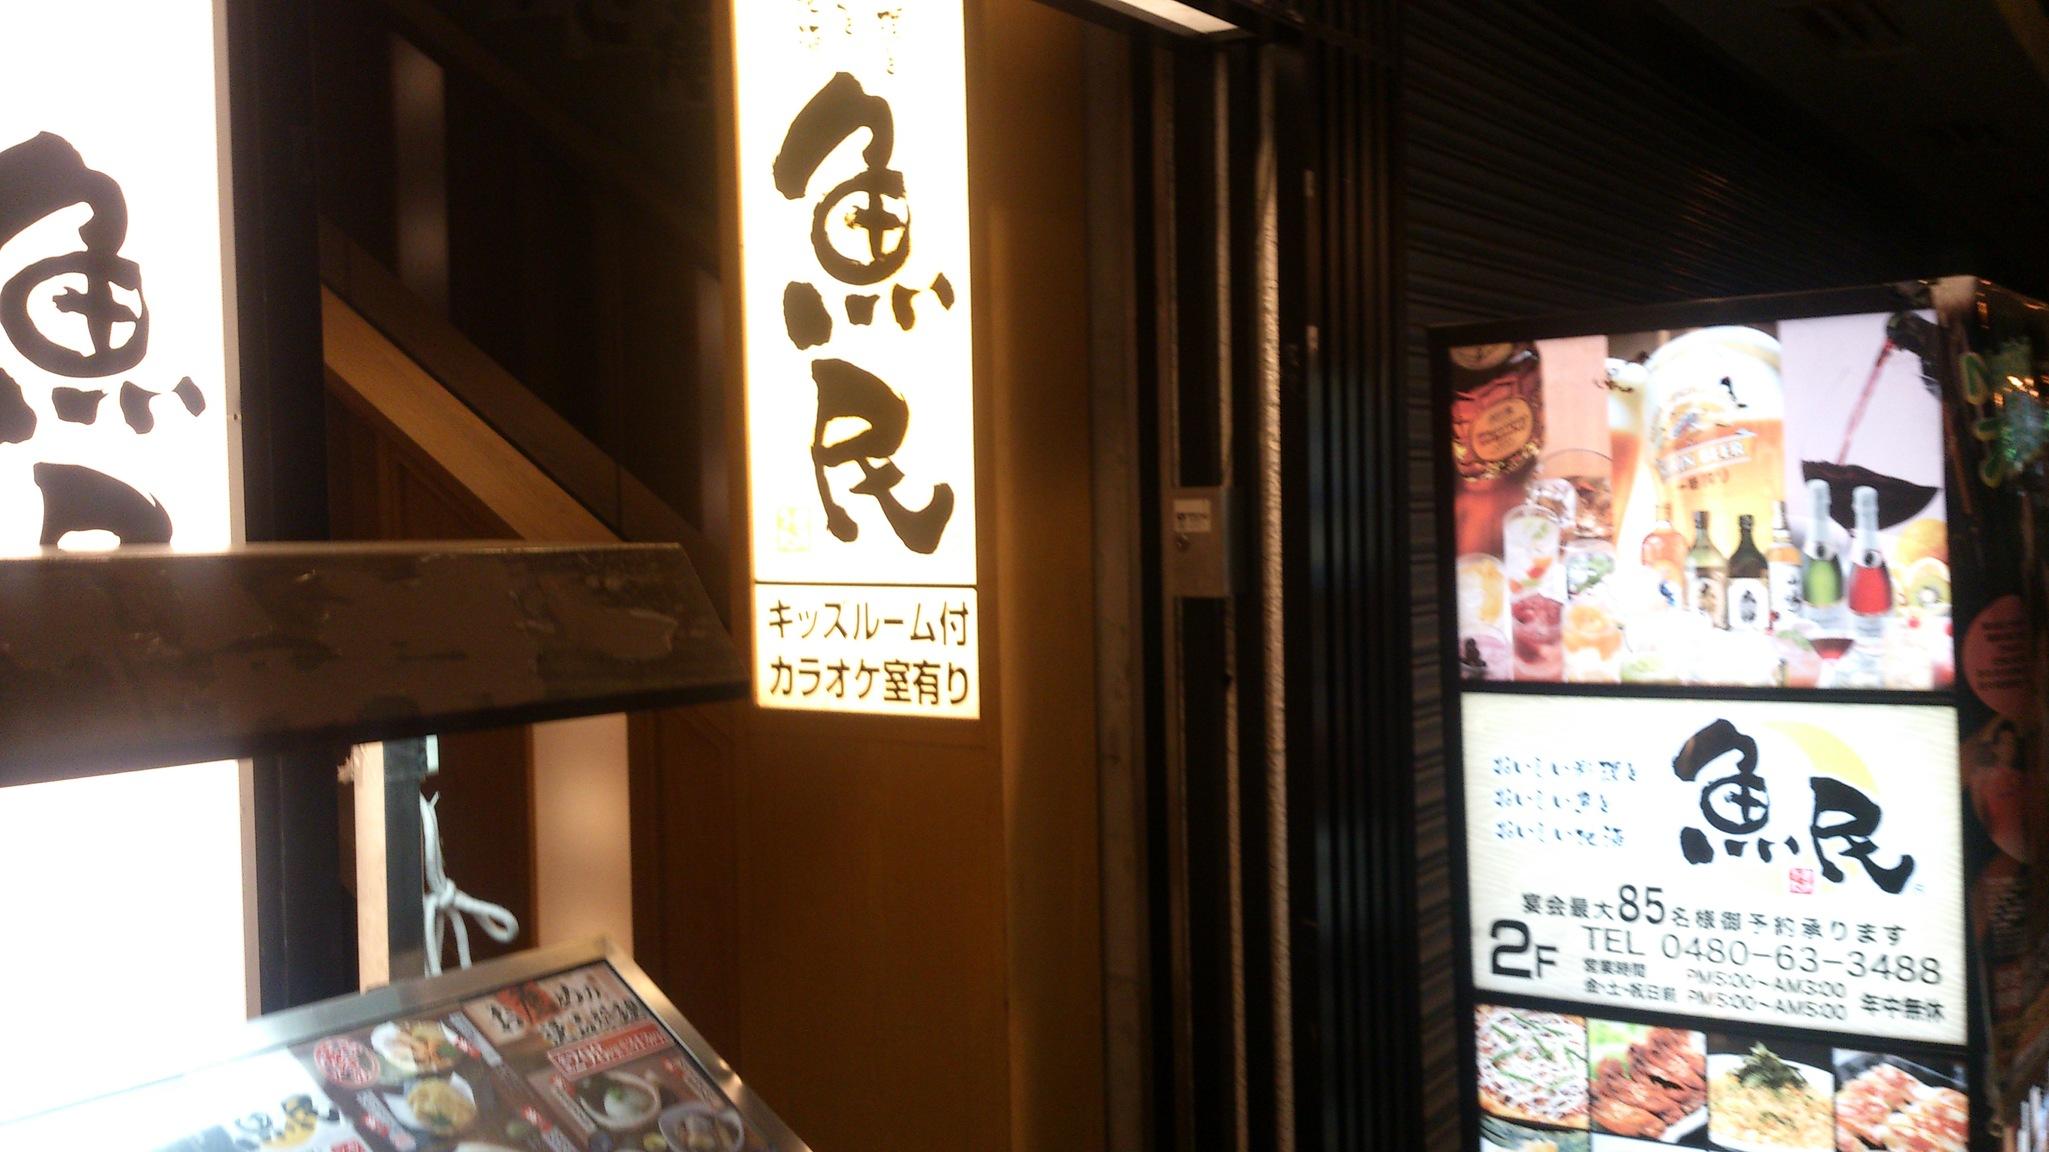 魚民 加須北口駅前店